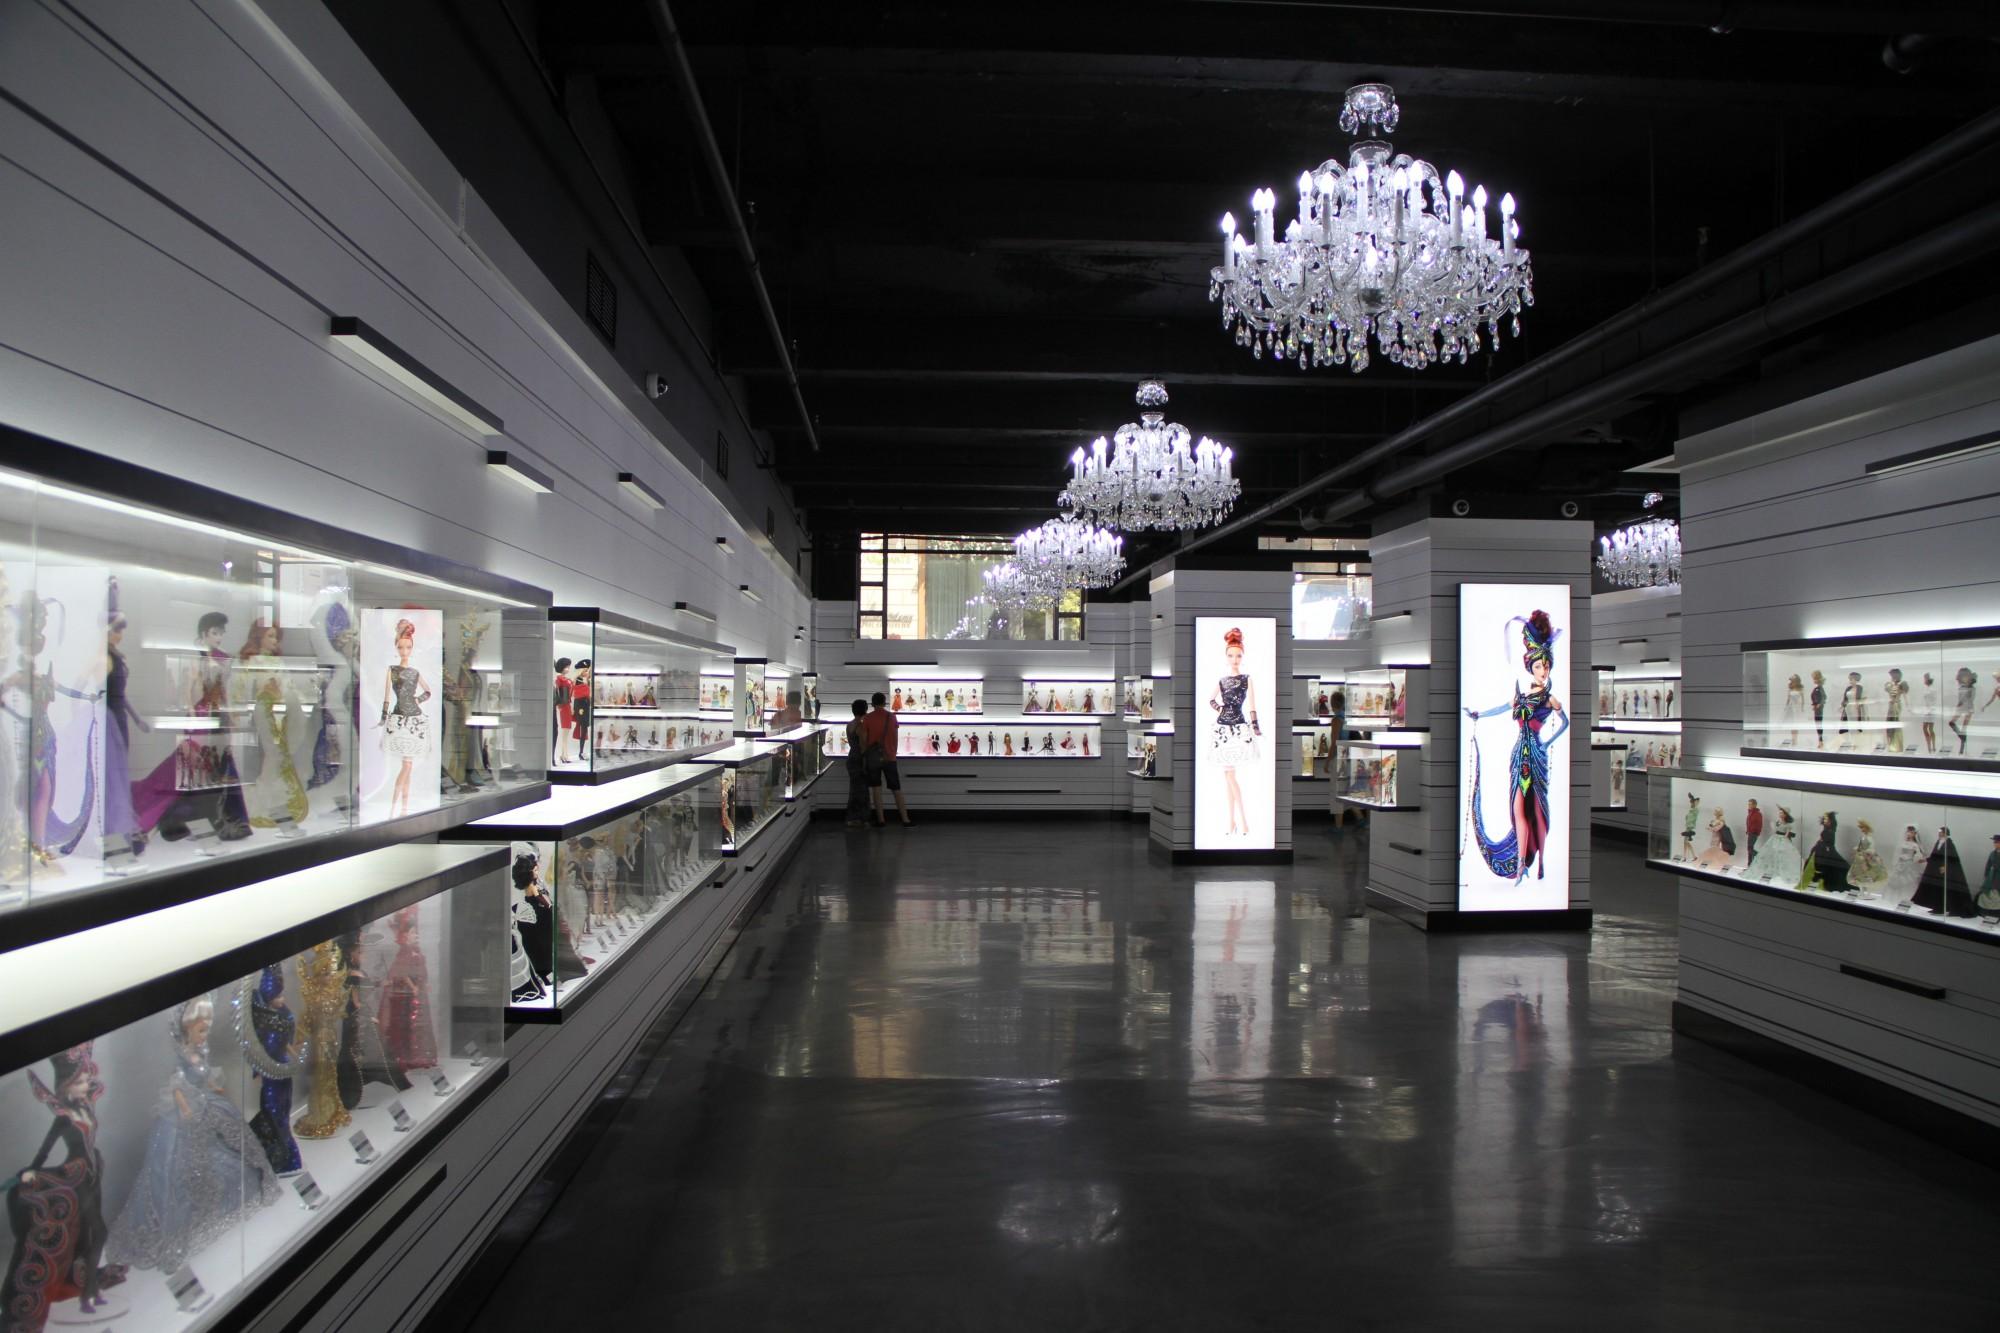 Licht- & Beleuchtungstechnik, LED-Werbe- & Spanntuchrahmen